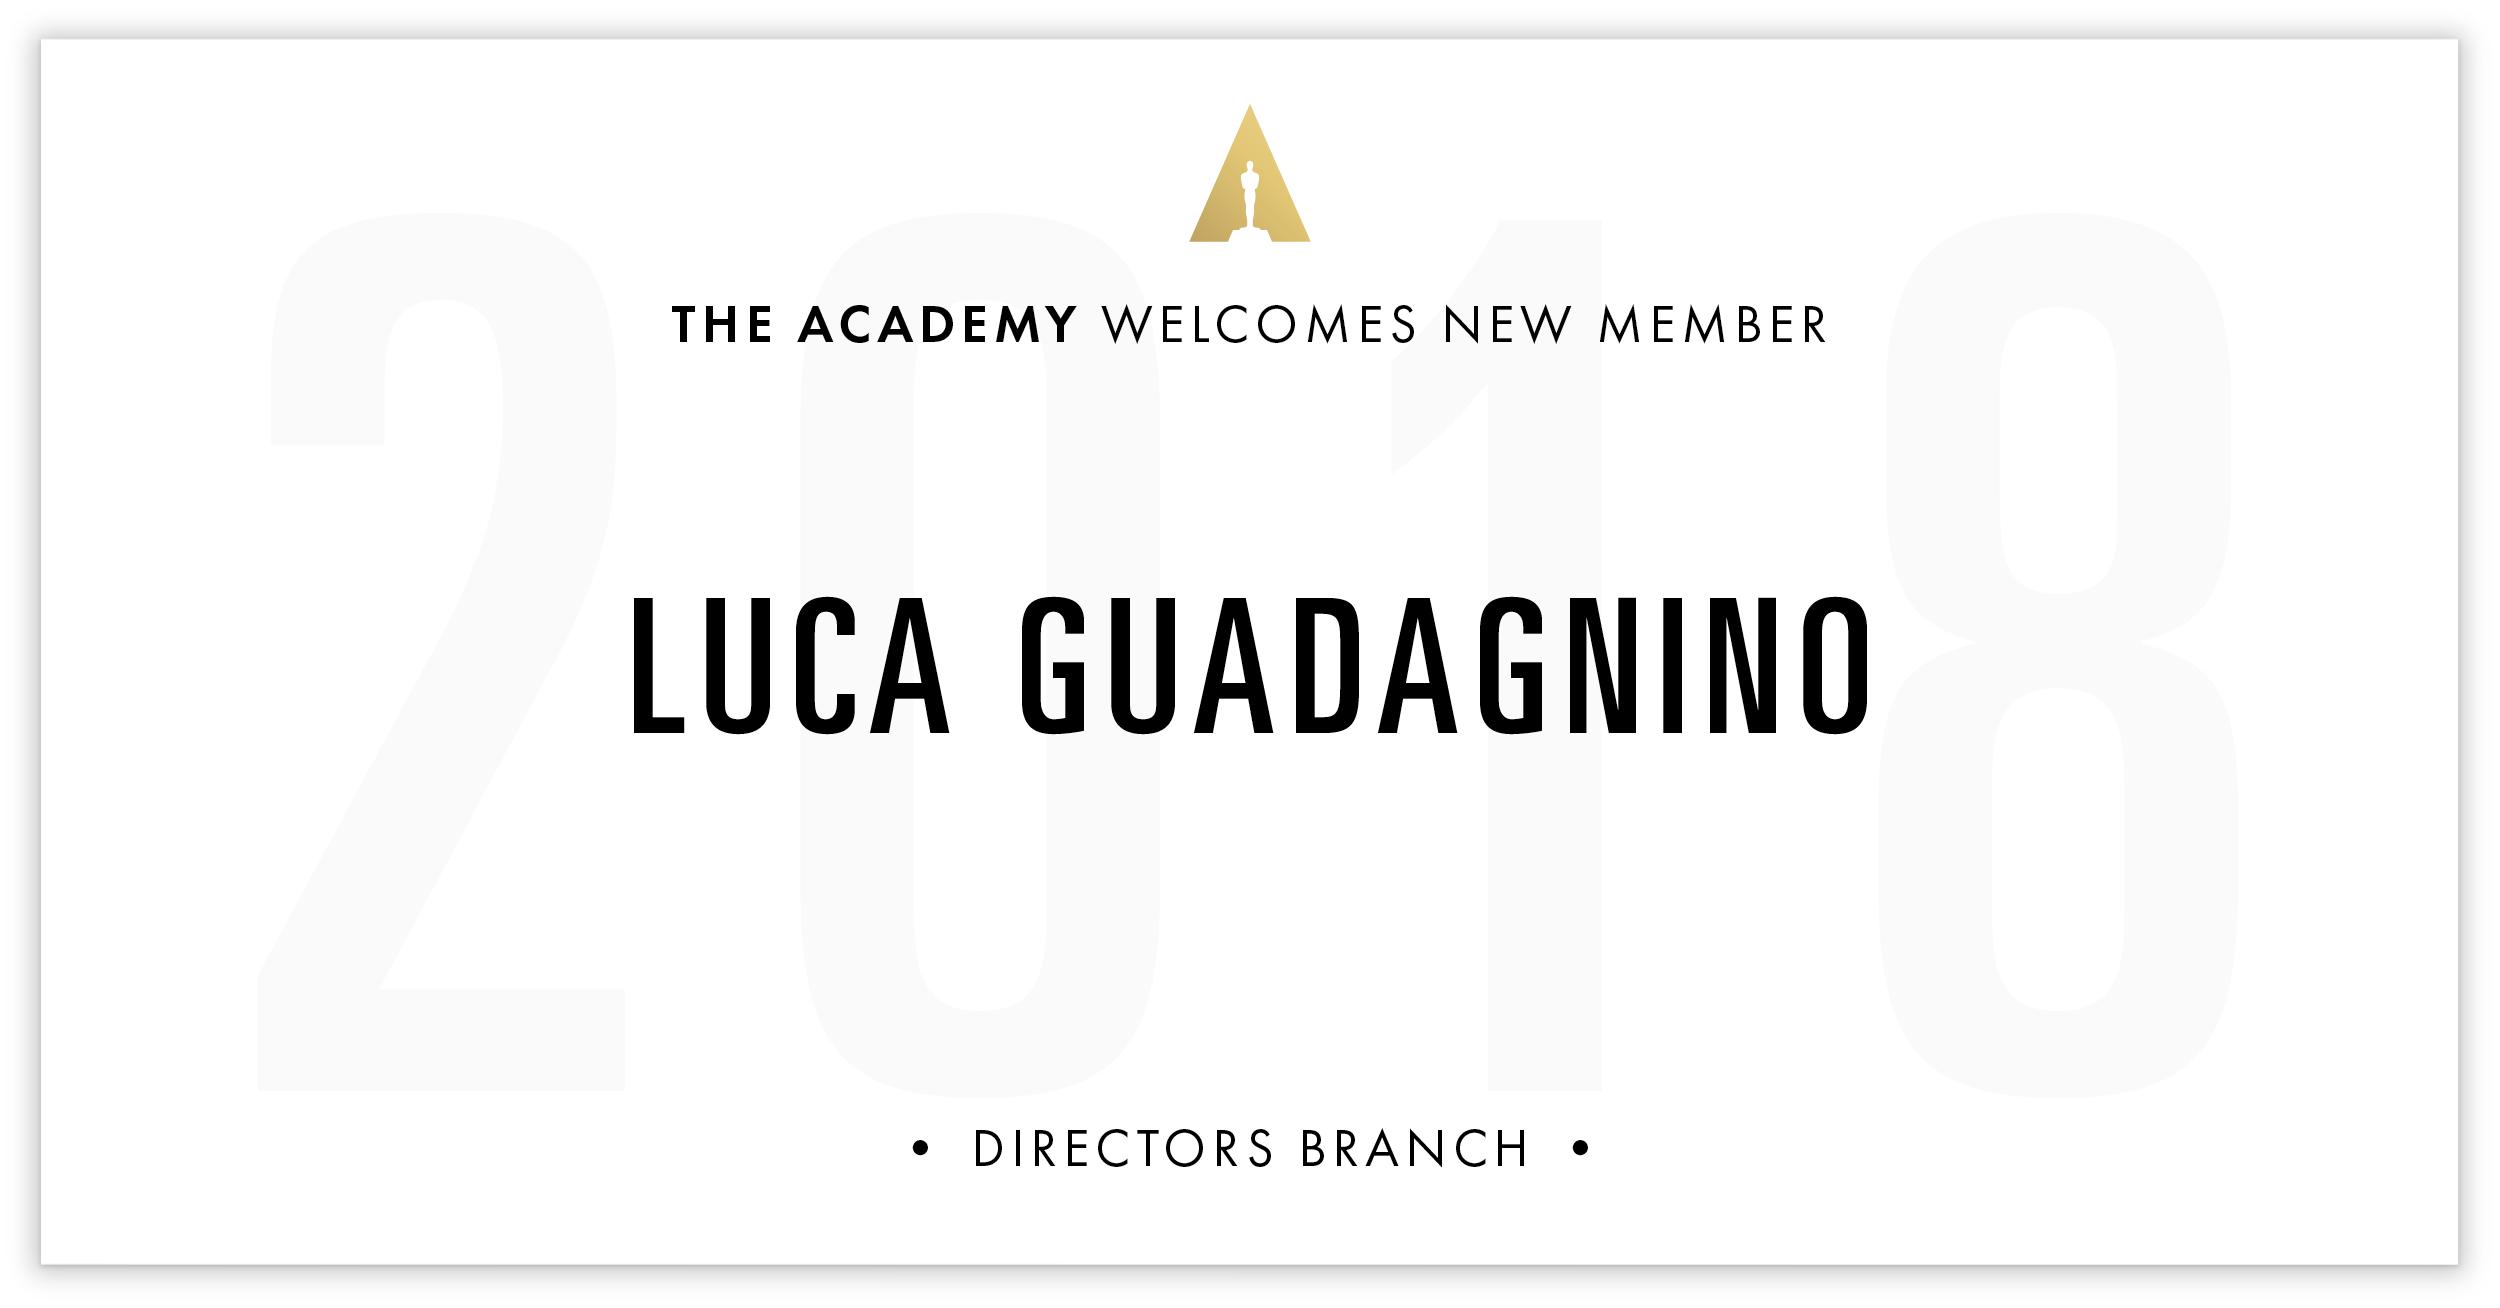 Luca Guadagnino is invited!